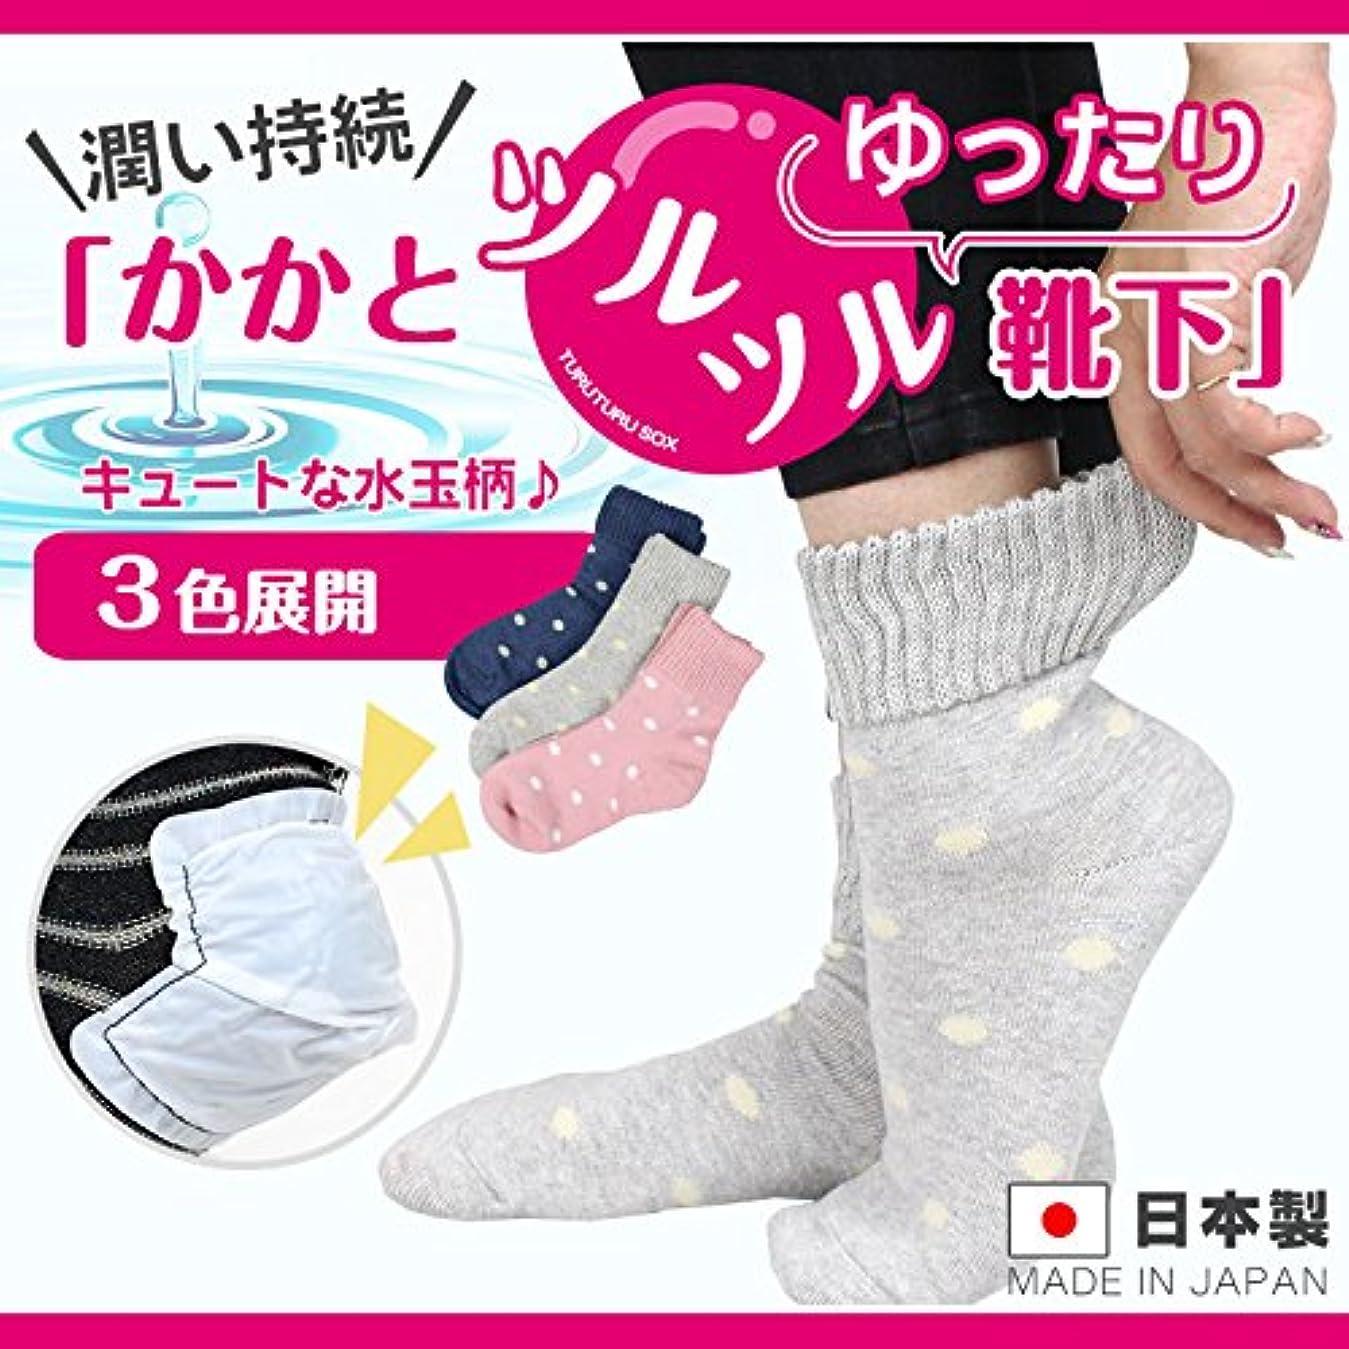 爆風干ばつメアリアンジョーンズかかと ツルツル 靴下 薄手 ゆったり 水玉柄 かかと 角質 ケア ひび割れ 対策 23-25cm 太陽ニット 592 (ピンク)